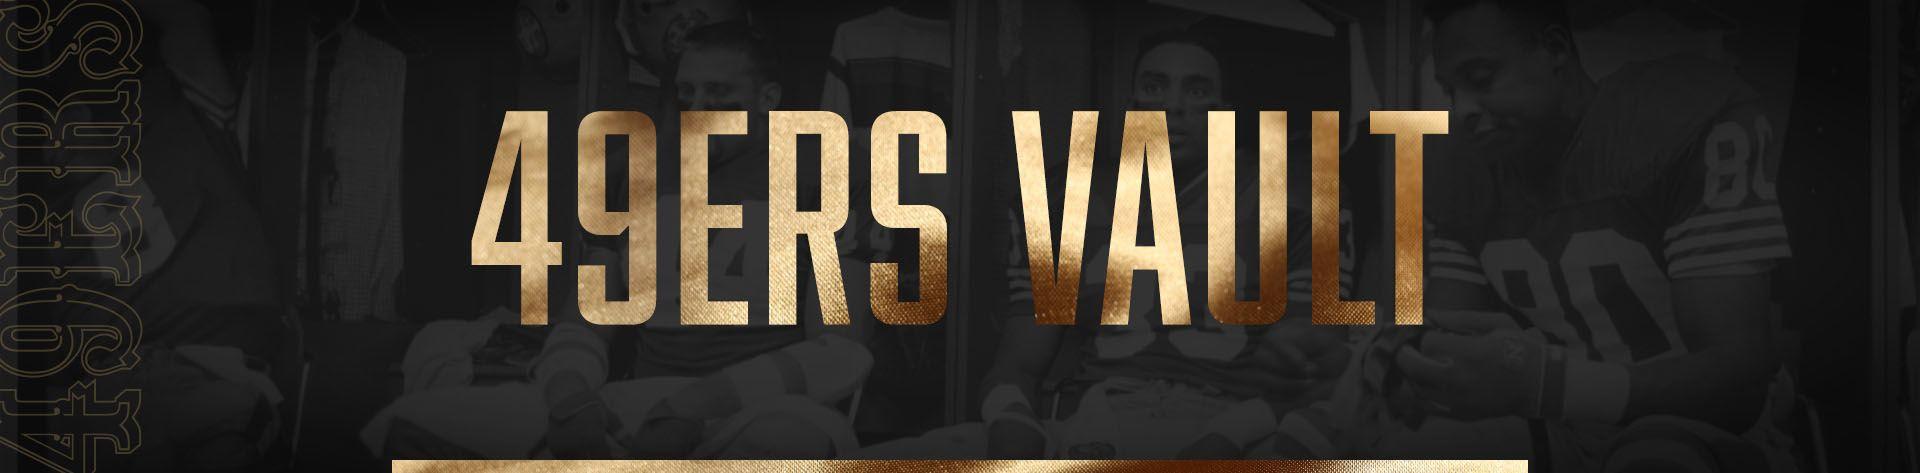 HISTORY-49ers Vault